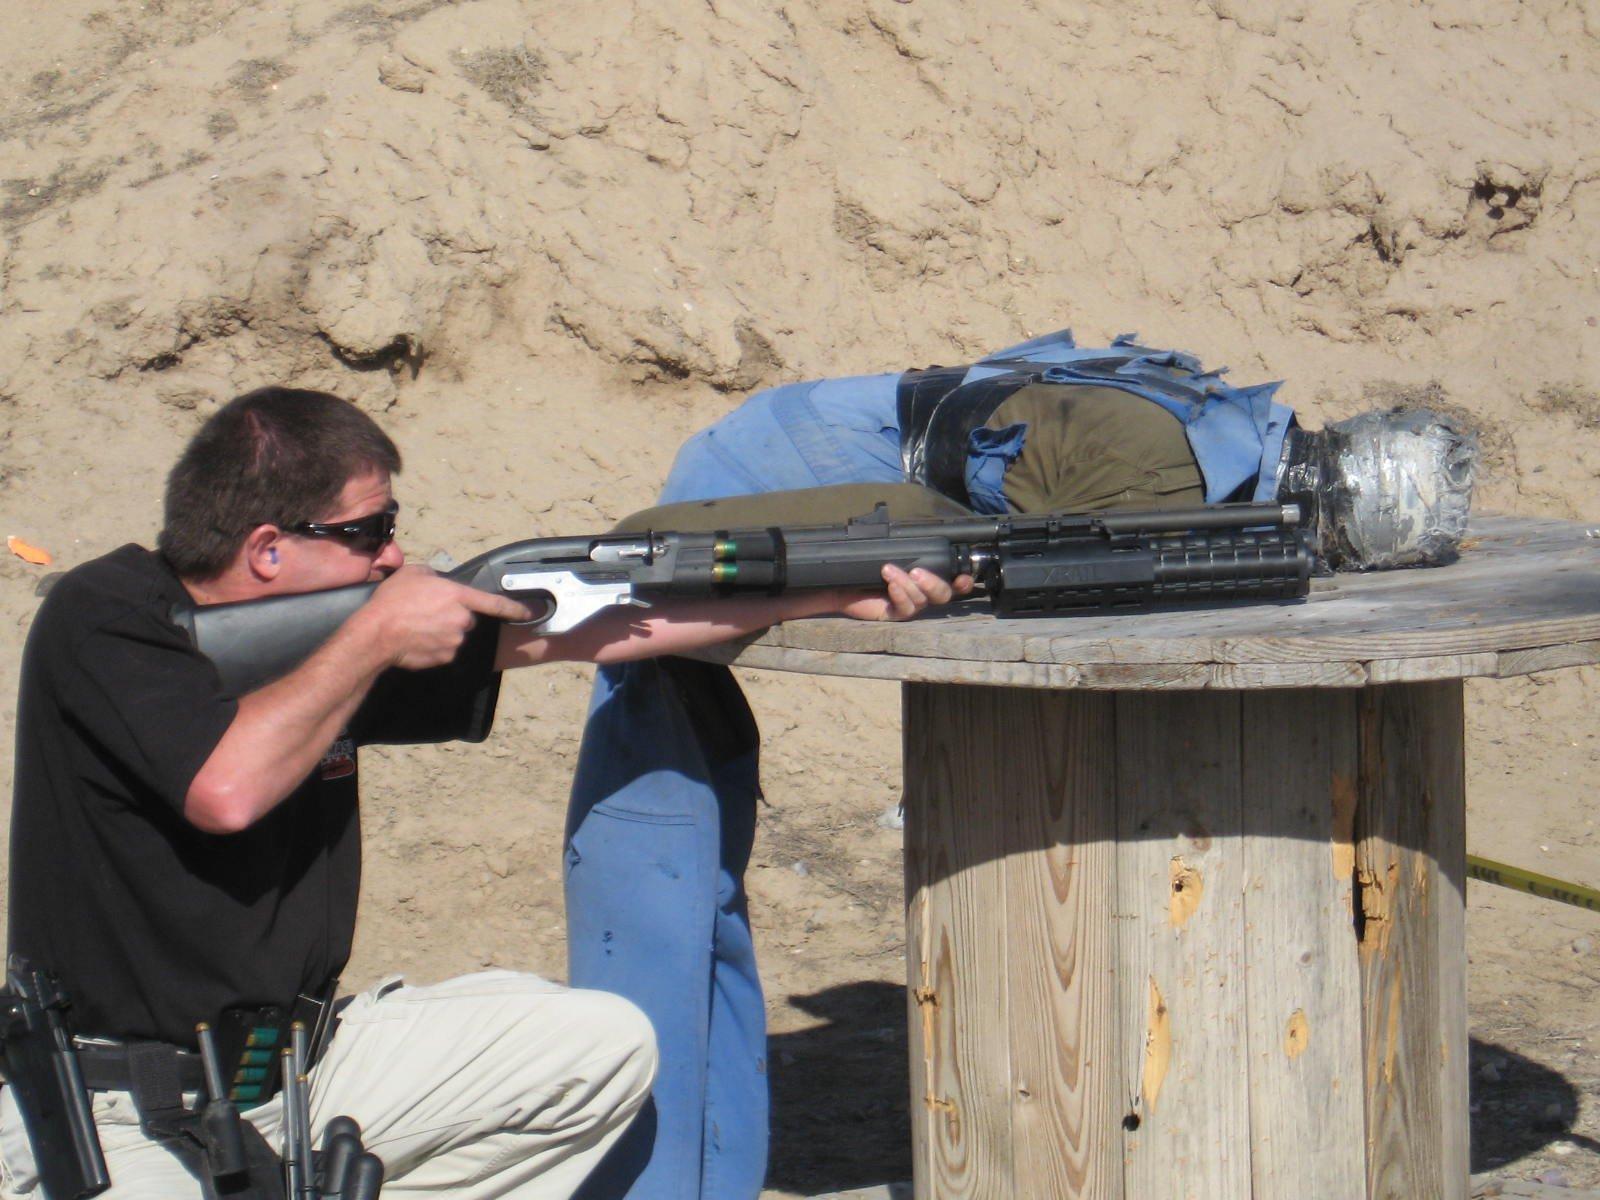 Ένα σύστημα XRAIL προσαρμοσμένο σε λειόκαννο REMINGTON 1100 σε αγώνα 3-GUN. 5c8e366d402